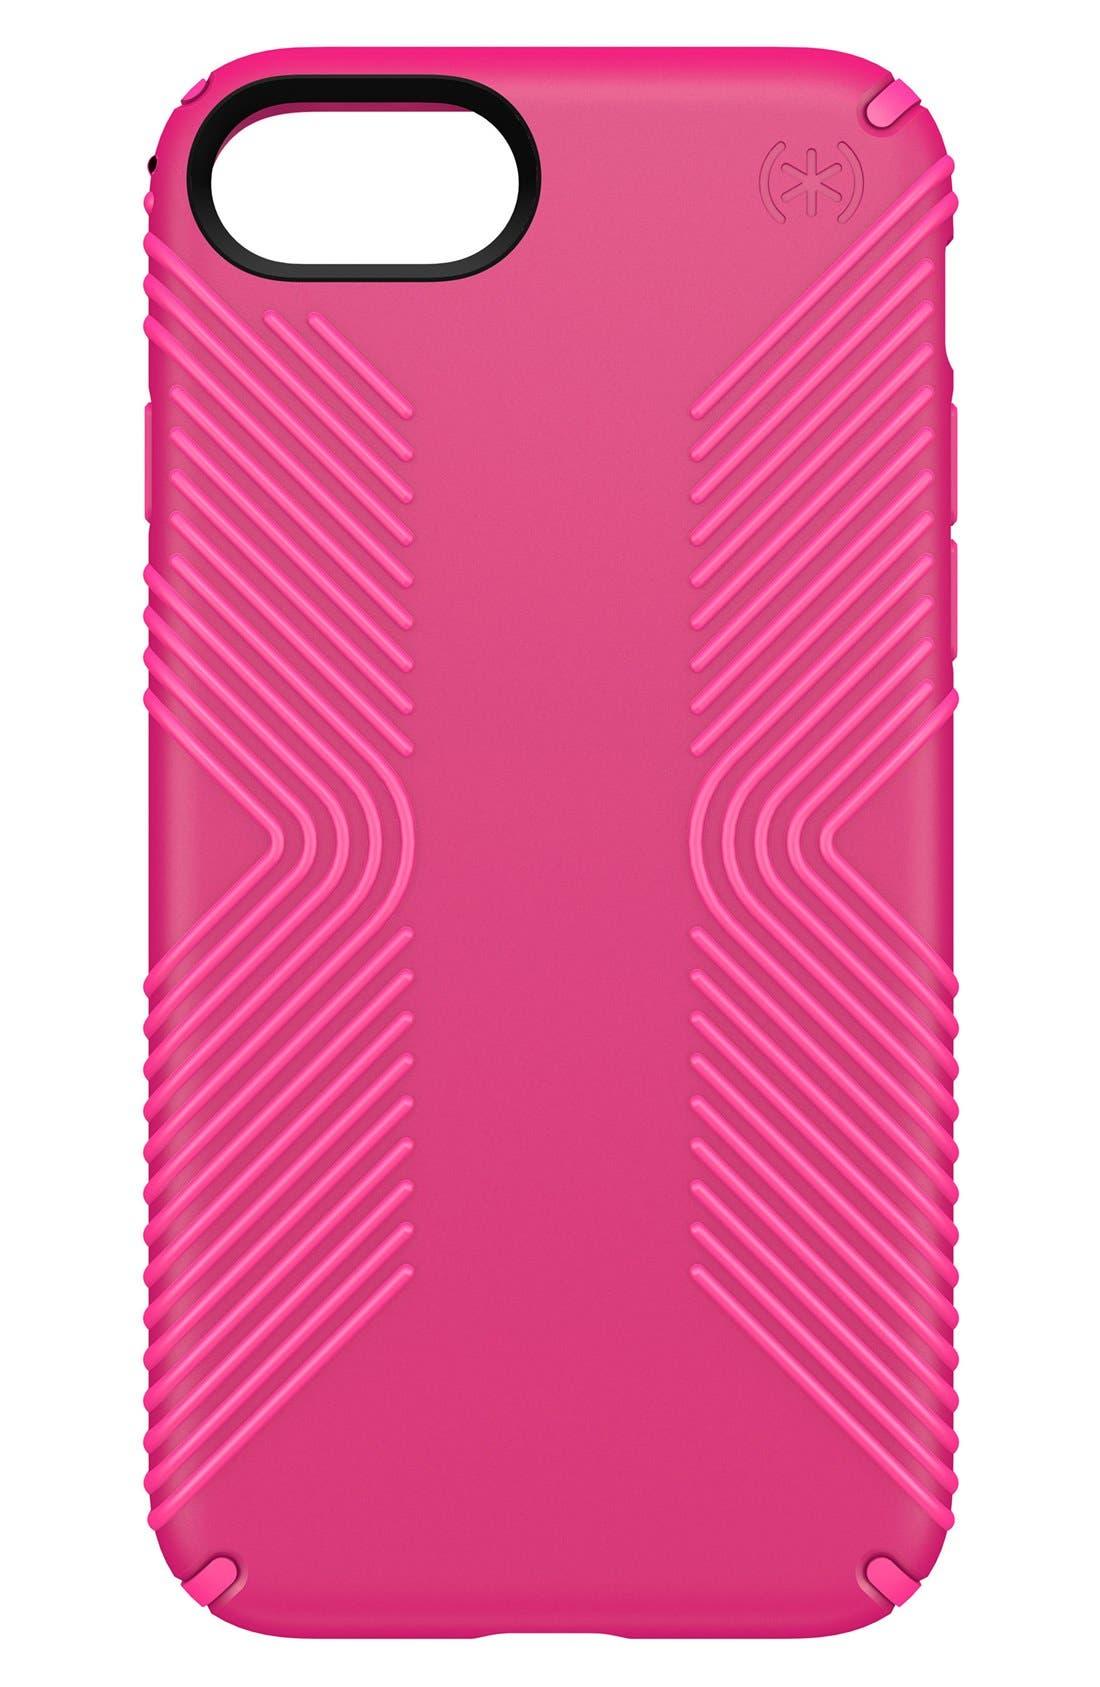 Speck Presidio Grip iPhone 7 & 7 Plus Case